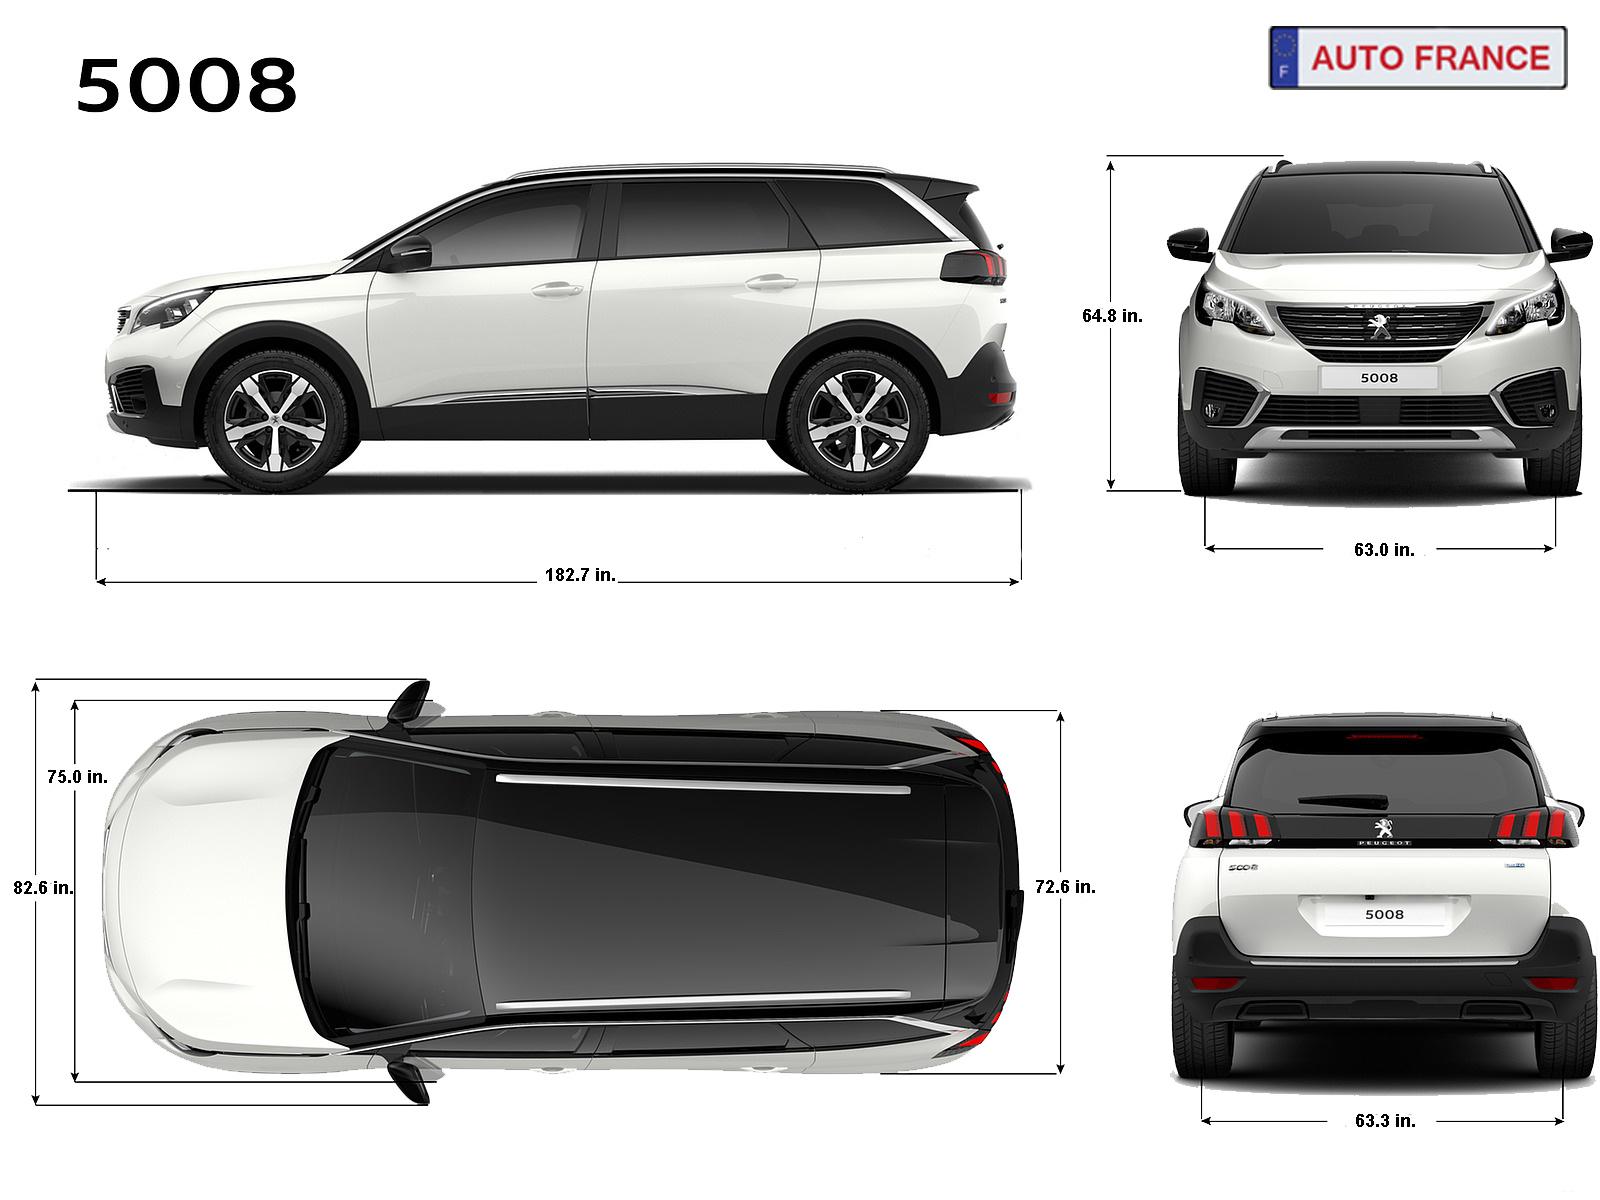 Peugeot 5008 - Long Term Car Rental In Europe